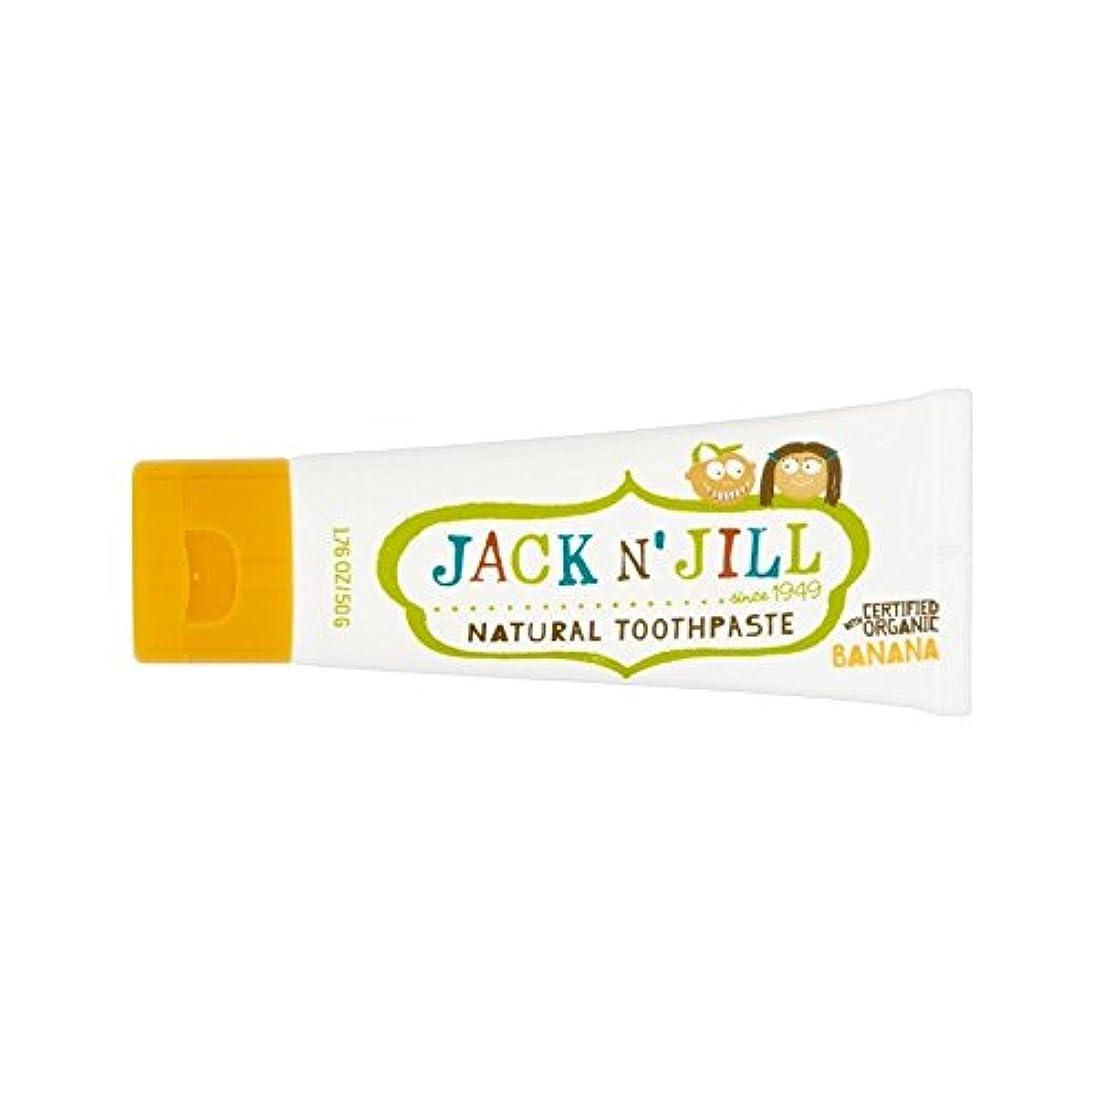 卵石膏抑圧する有機香味50グラムと自然バナナ歯磨き粉 (Jack N Jill) (x 2) - Jack N' Jill Banana Toothpaste Natural with Organic Flavouring 50g (...